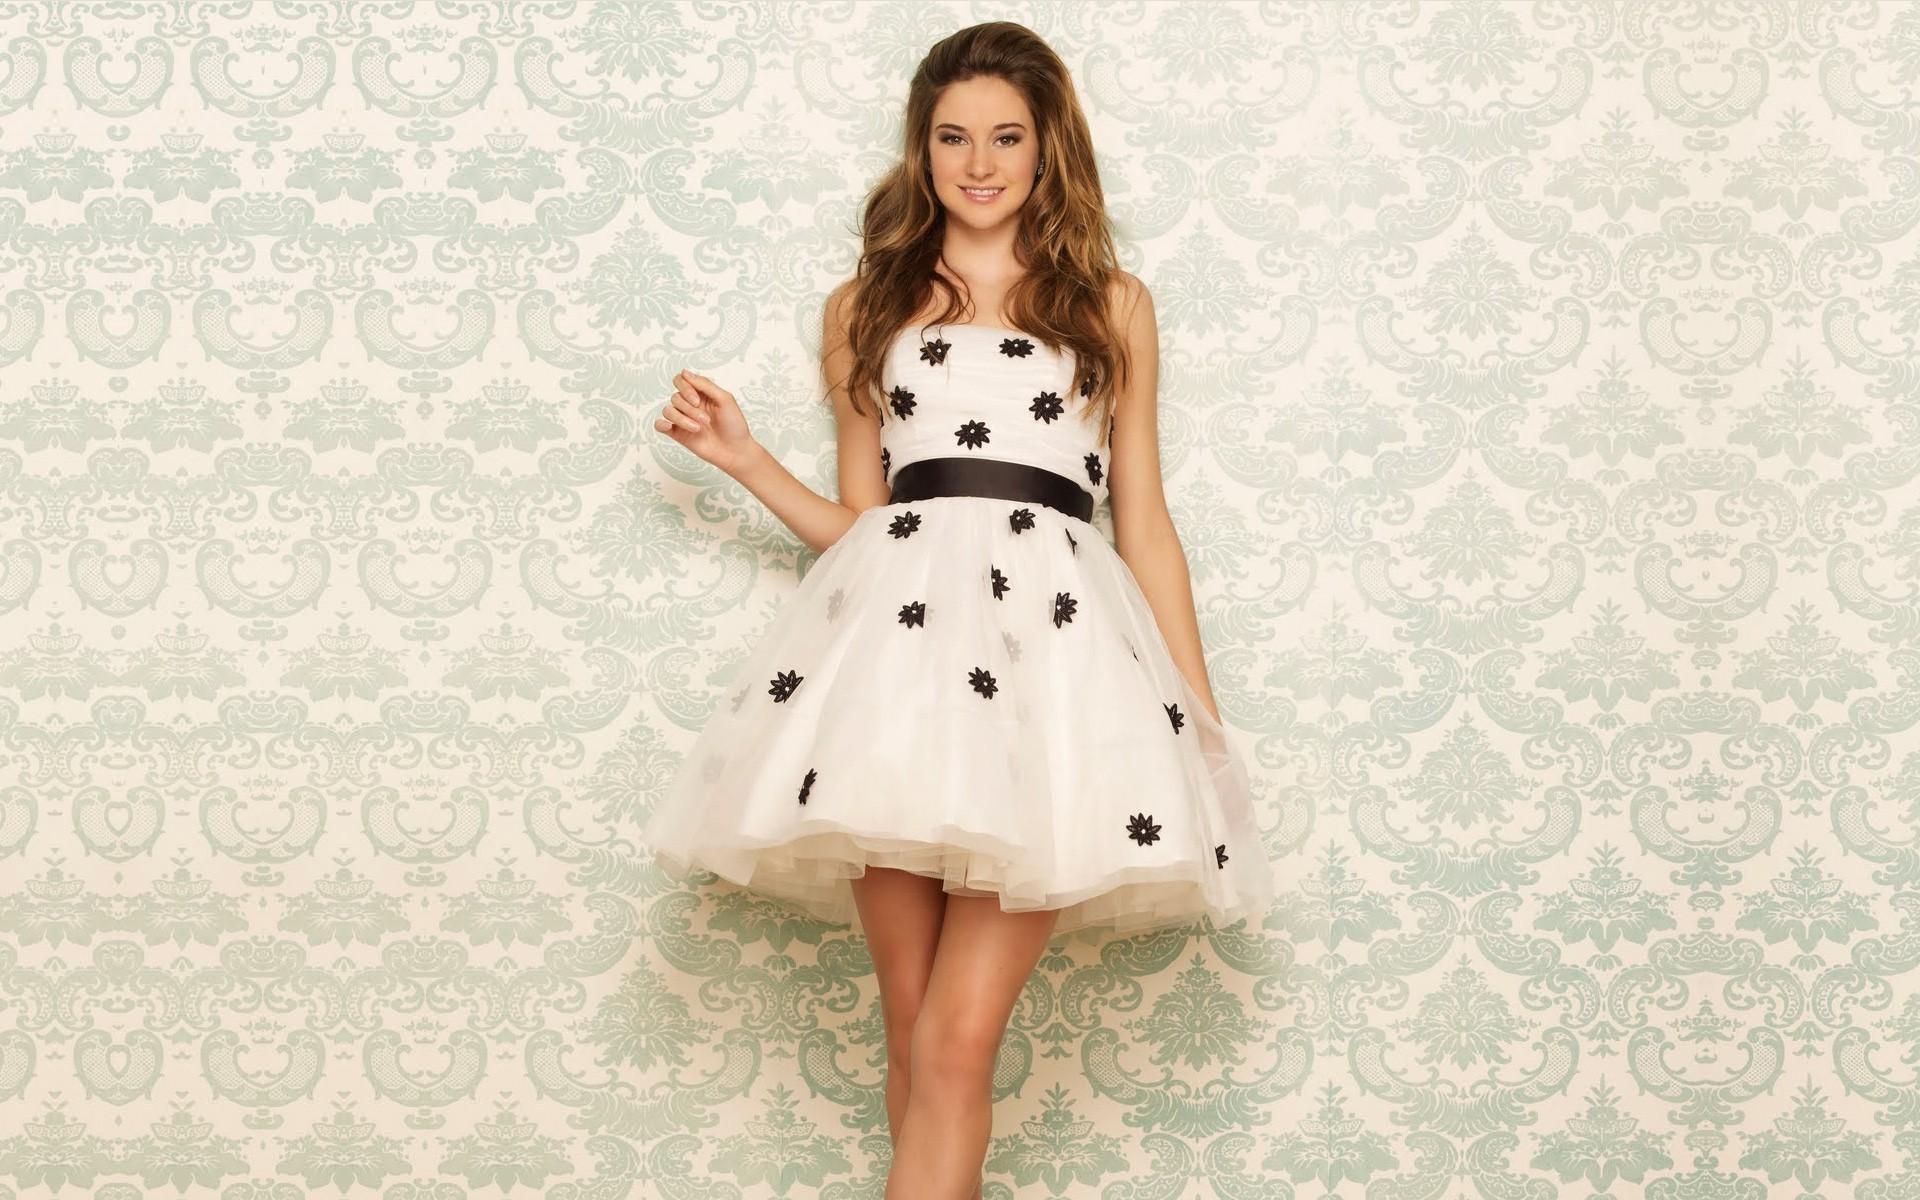 Hintergrundbilder : Kleid, Muster, Hochzeitskleid, Shailene Woodley ...